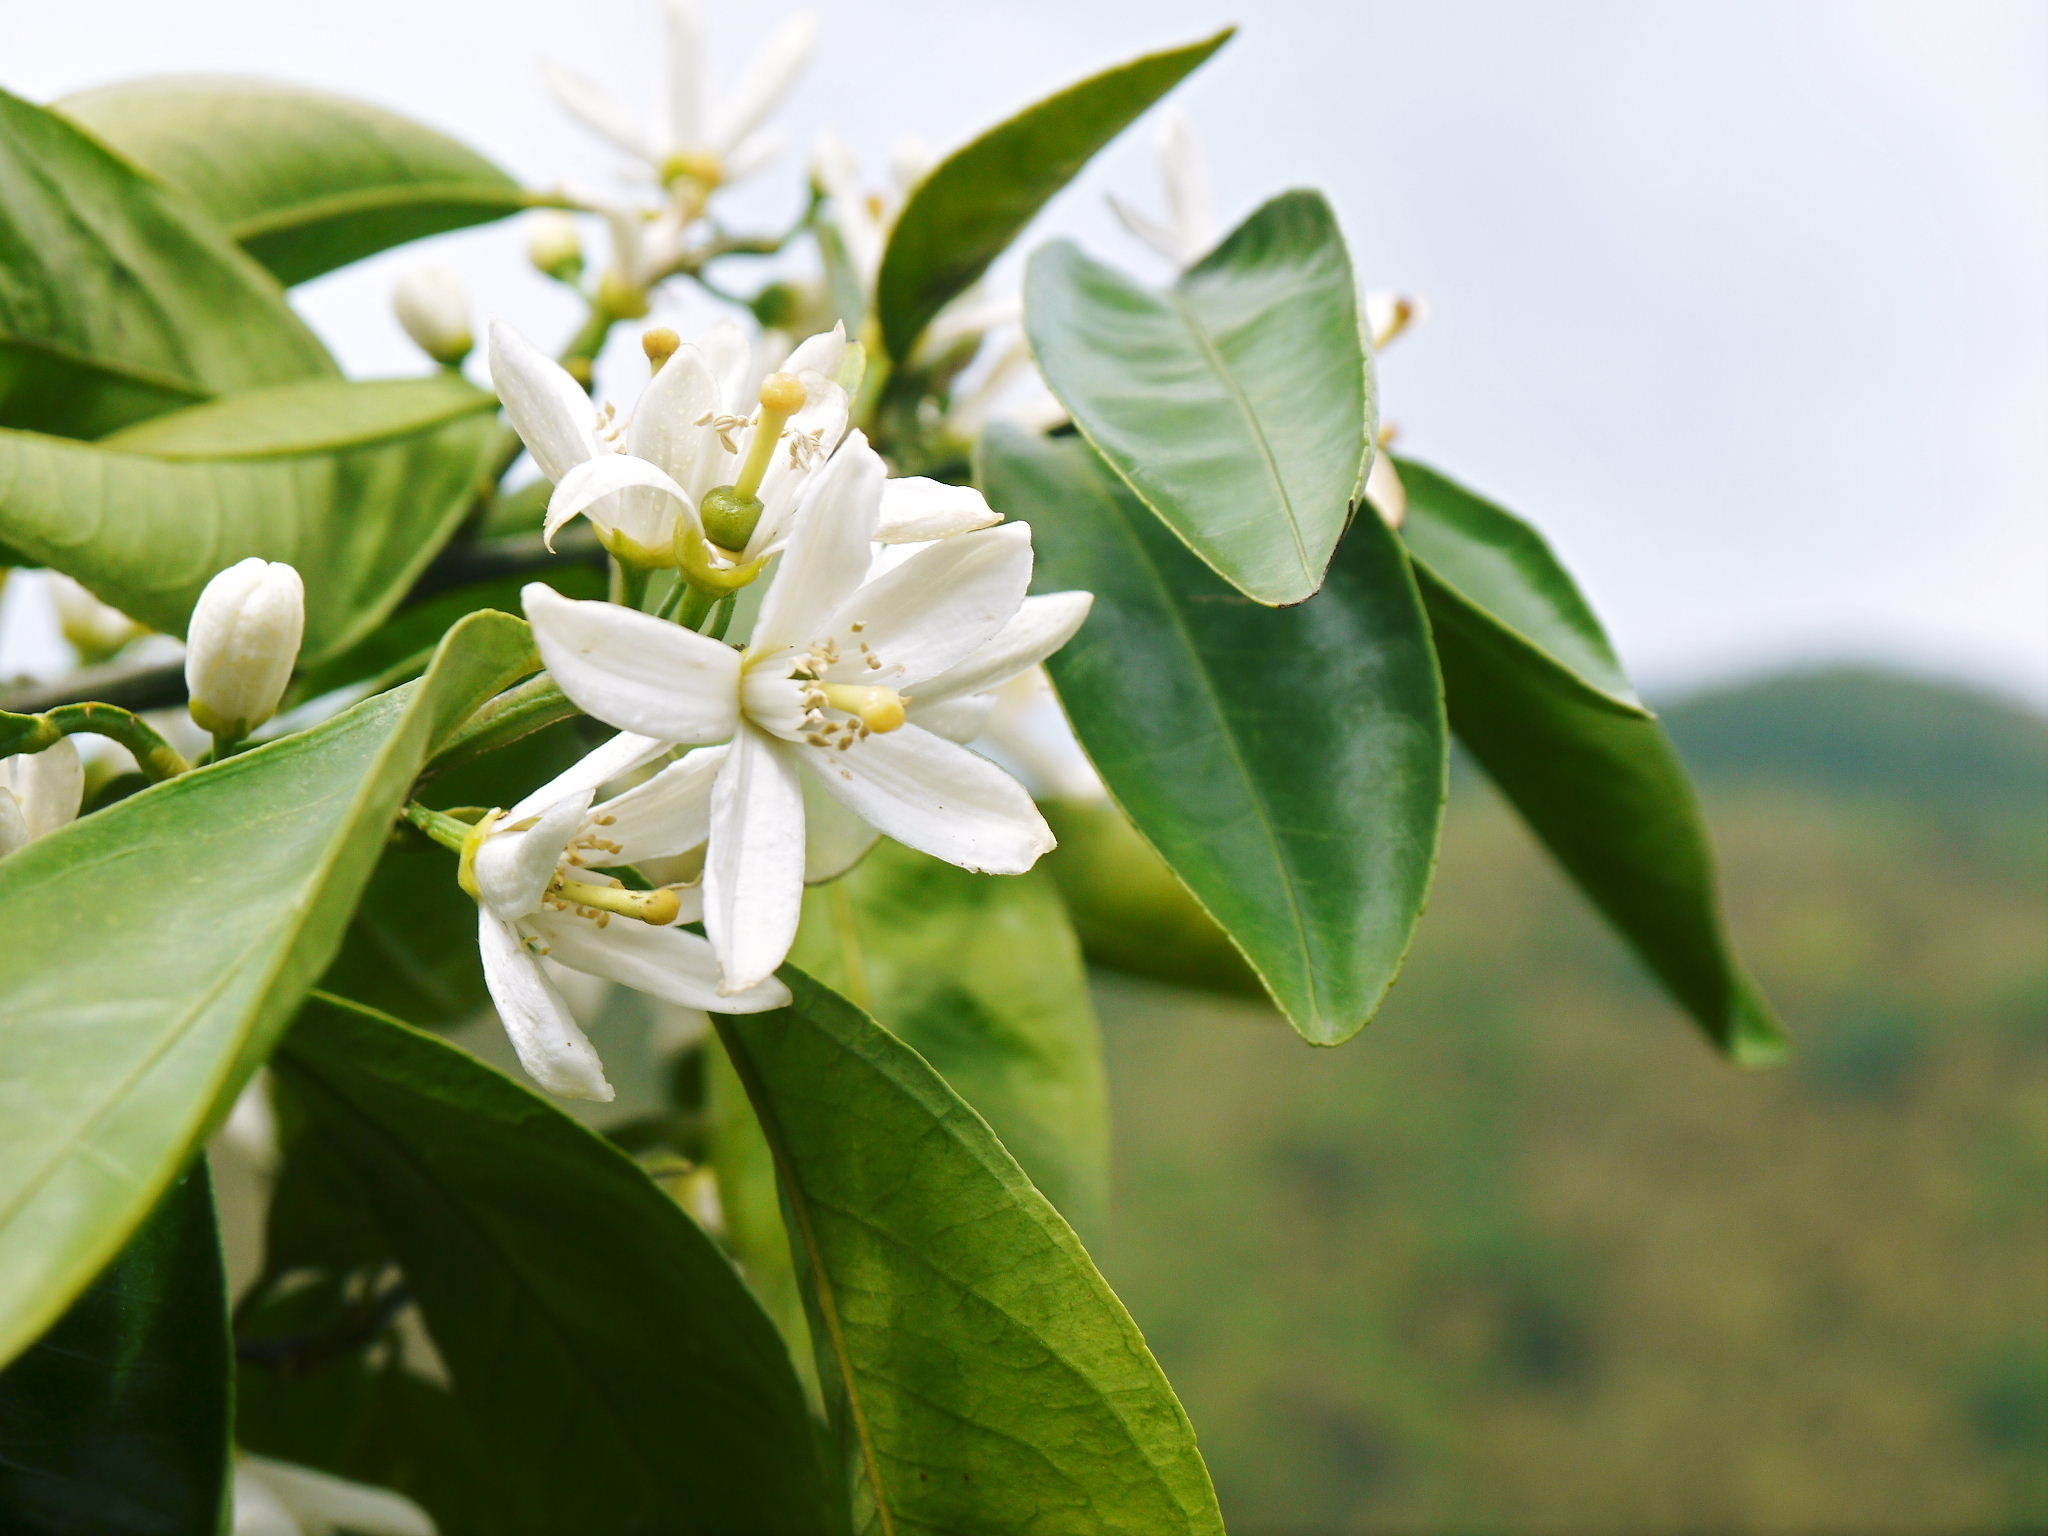 ザ・みかん みかんの花咲く様子(2020年)と春草を有機肥料に!!元気いっぱいの果樹で育てます!!_a0254656_14450369.jpg